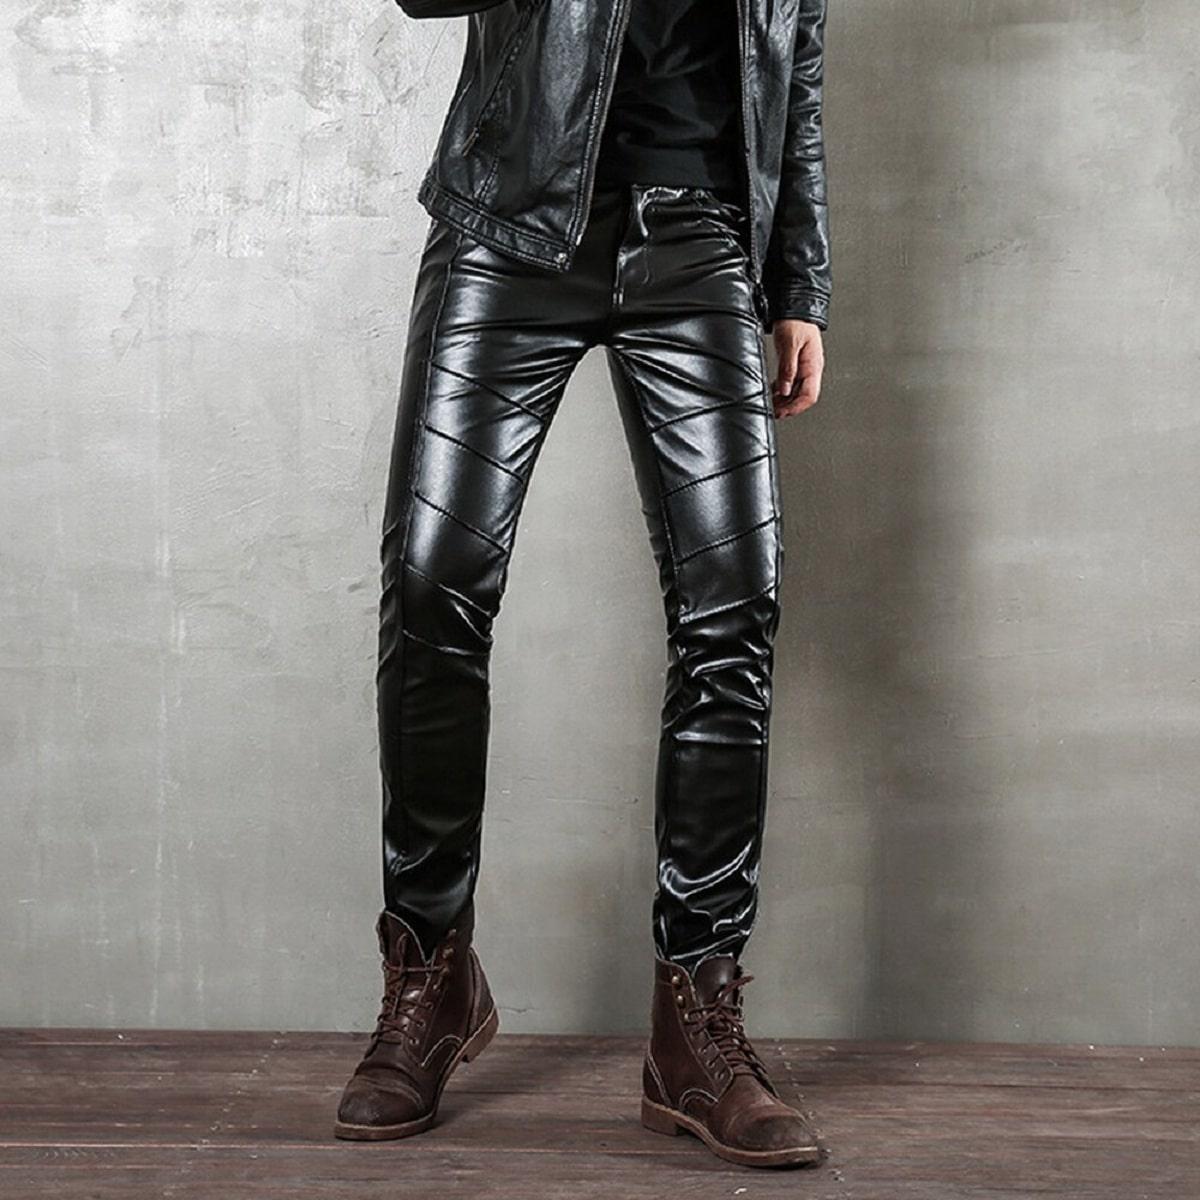 pantalones de cuero para hombres modernos